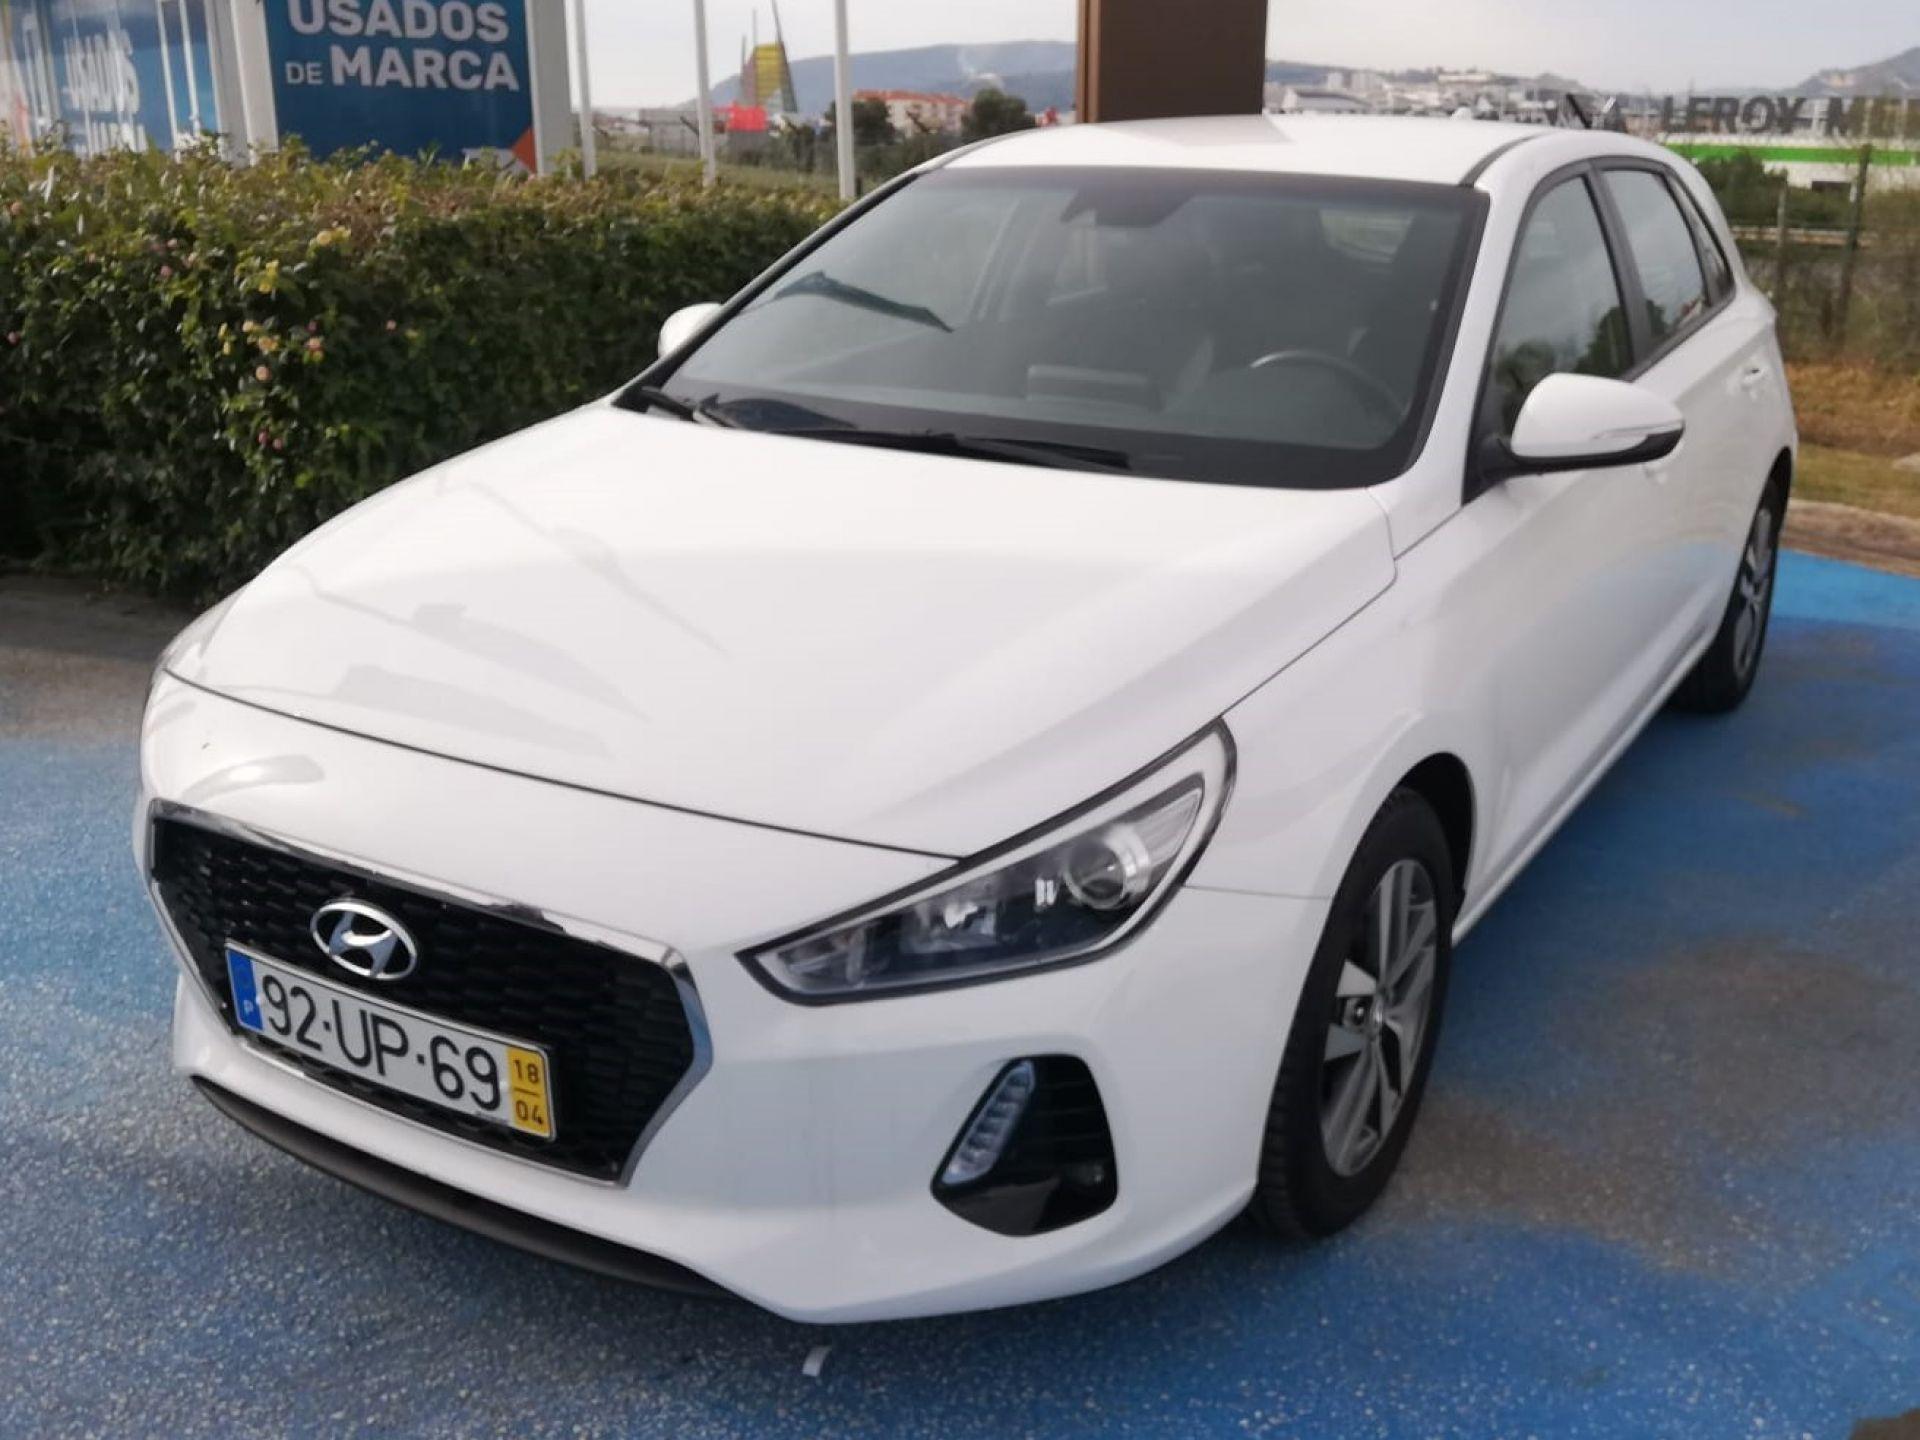 Hyundai i30 5P 1.6 CRDi GO! 110CV segunda mão Setúbal